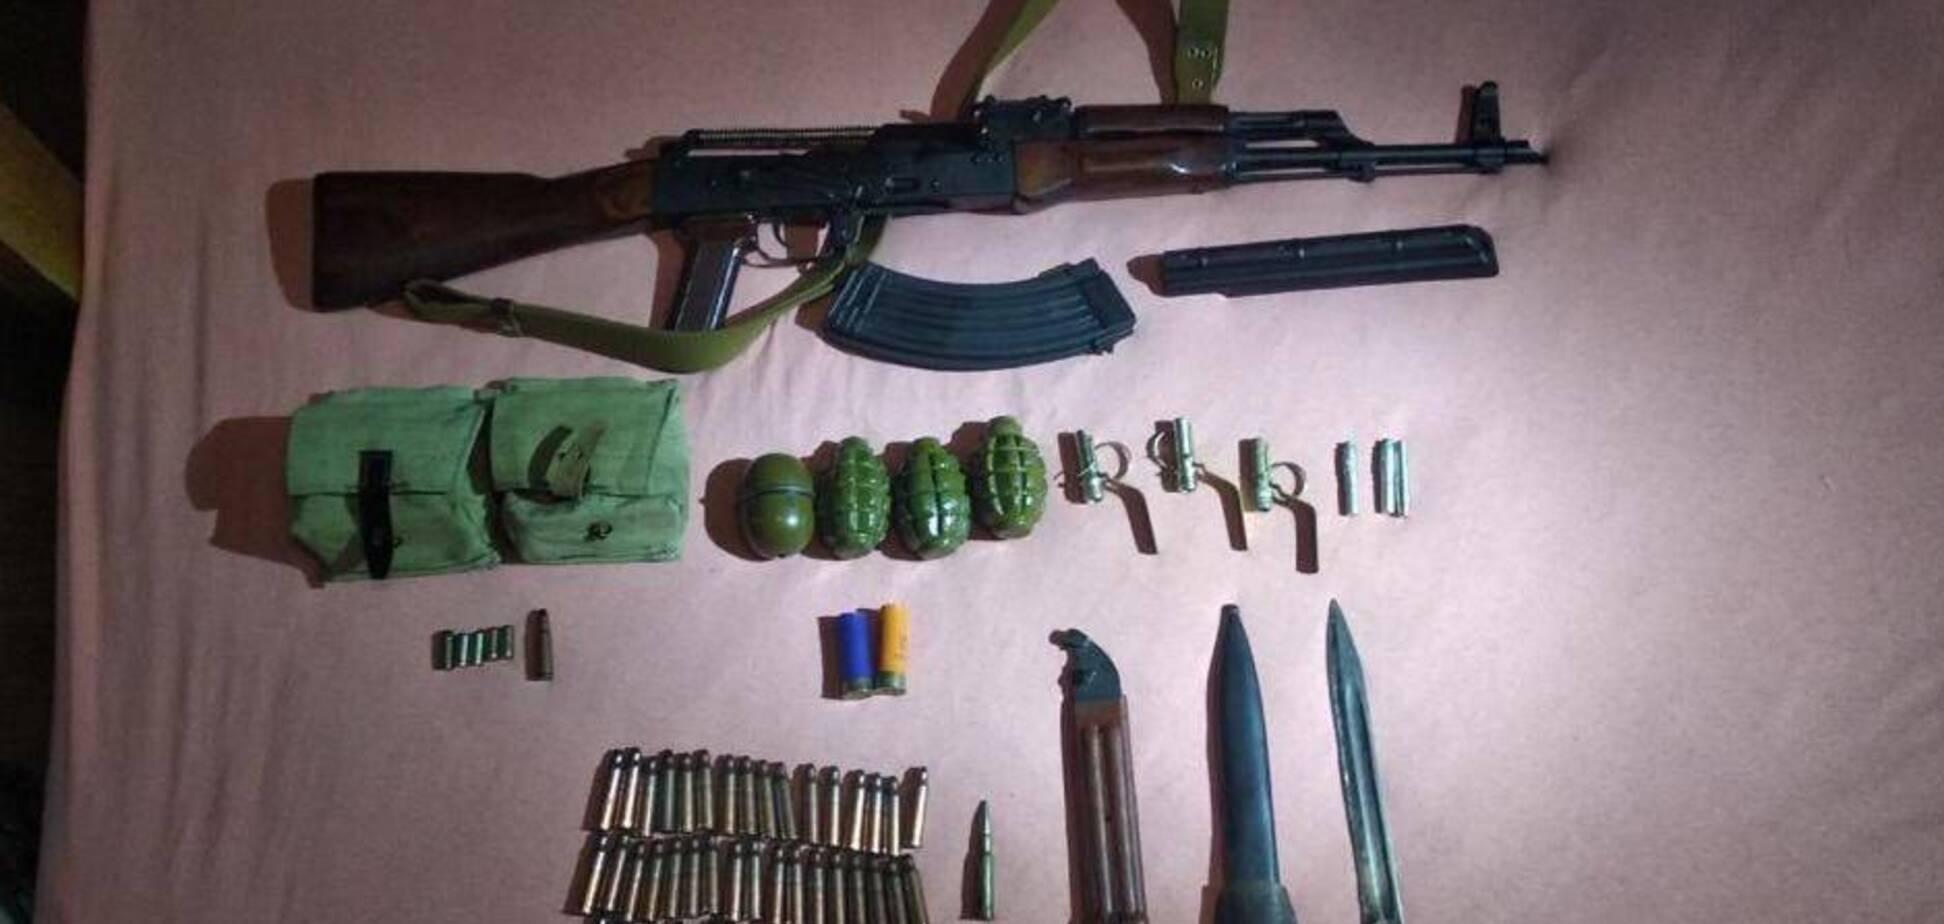 Правоохоронці розкрили злочинне угруповання, яке торгувало боєприпасами в інтернеті